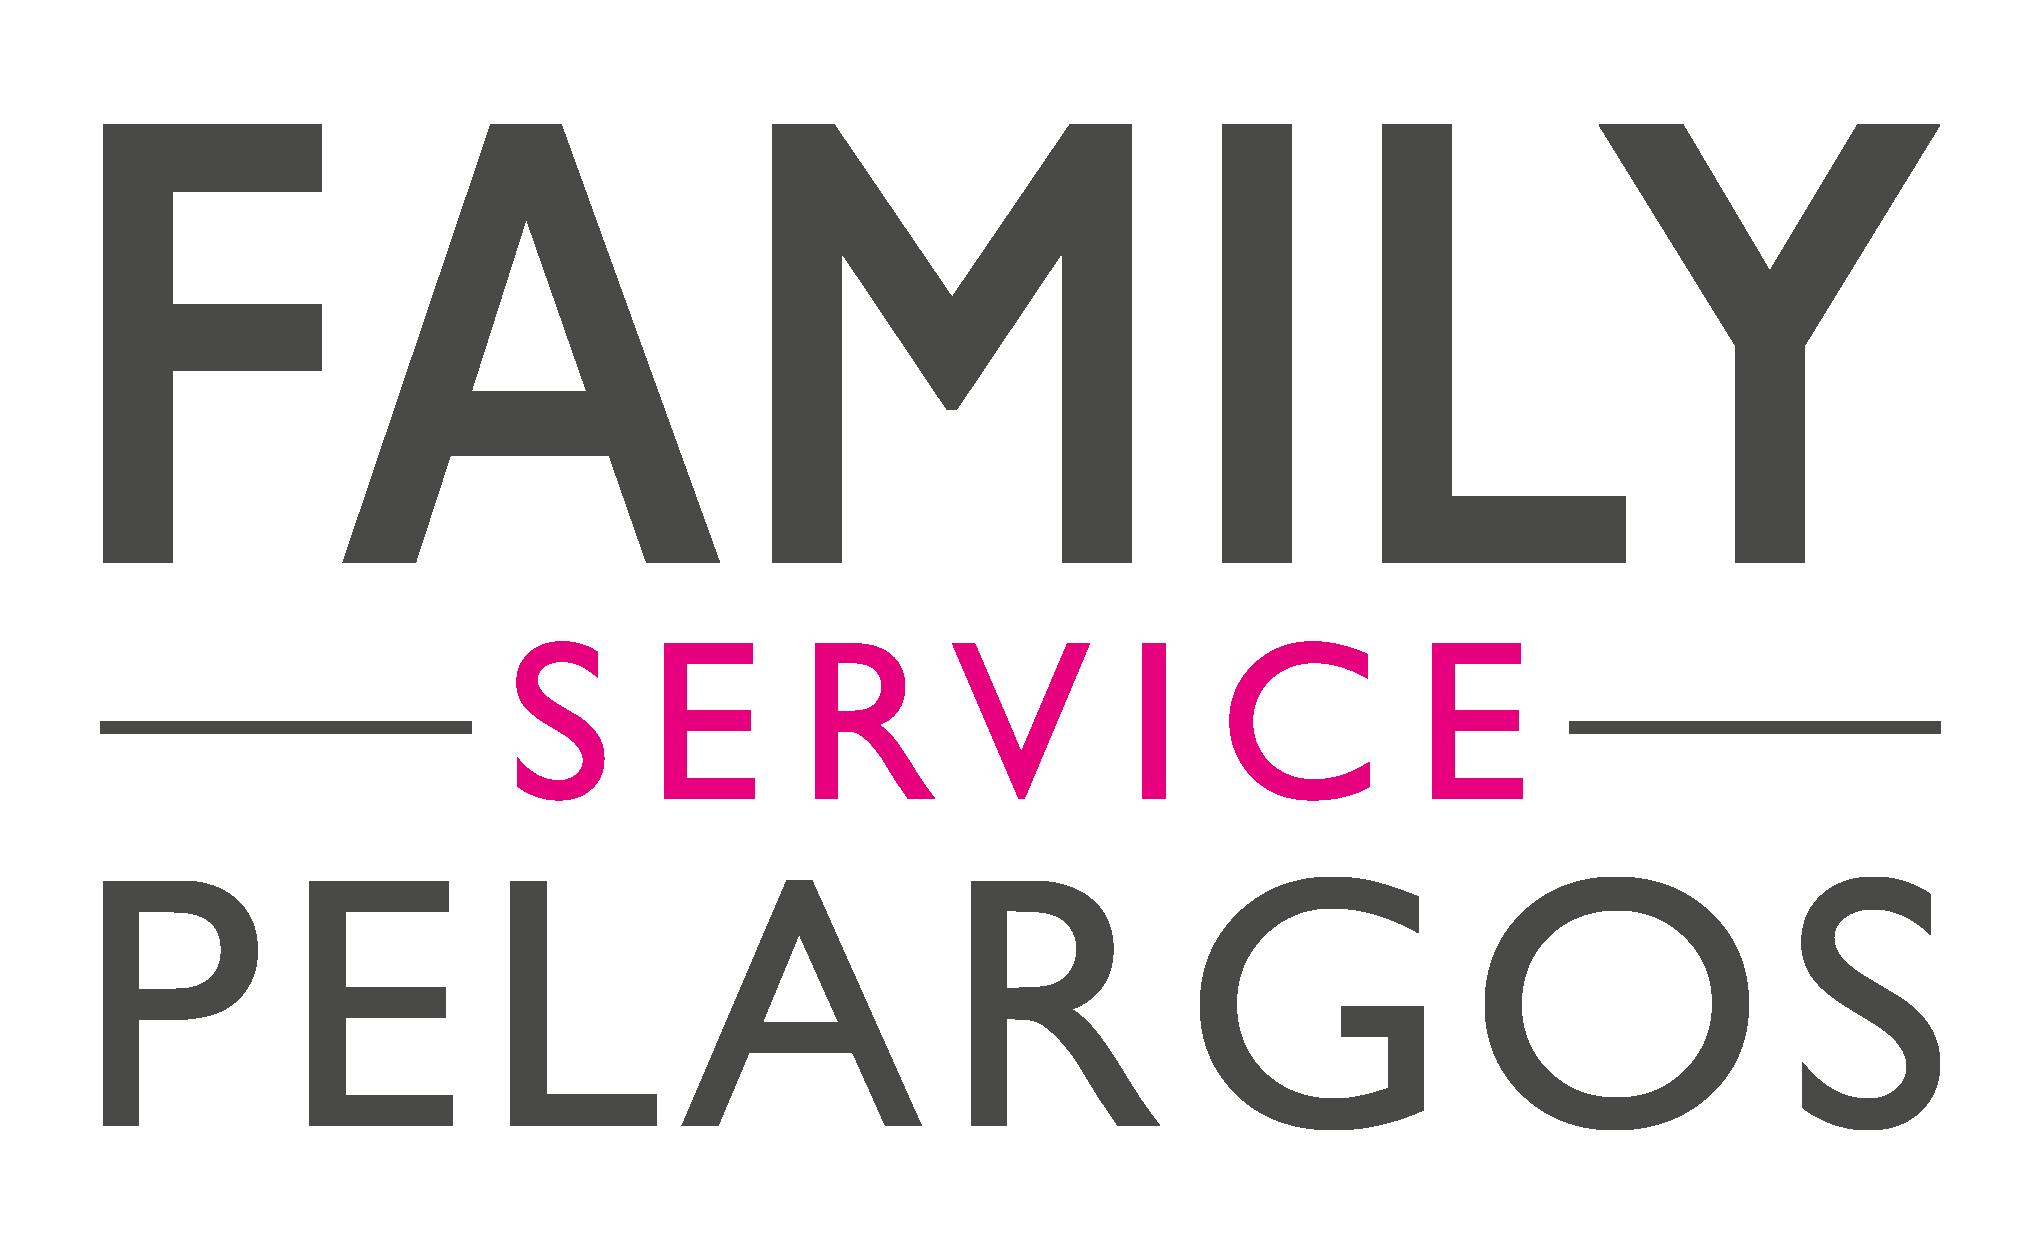 Family Service Pelargos